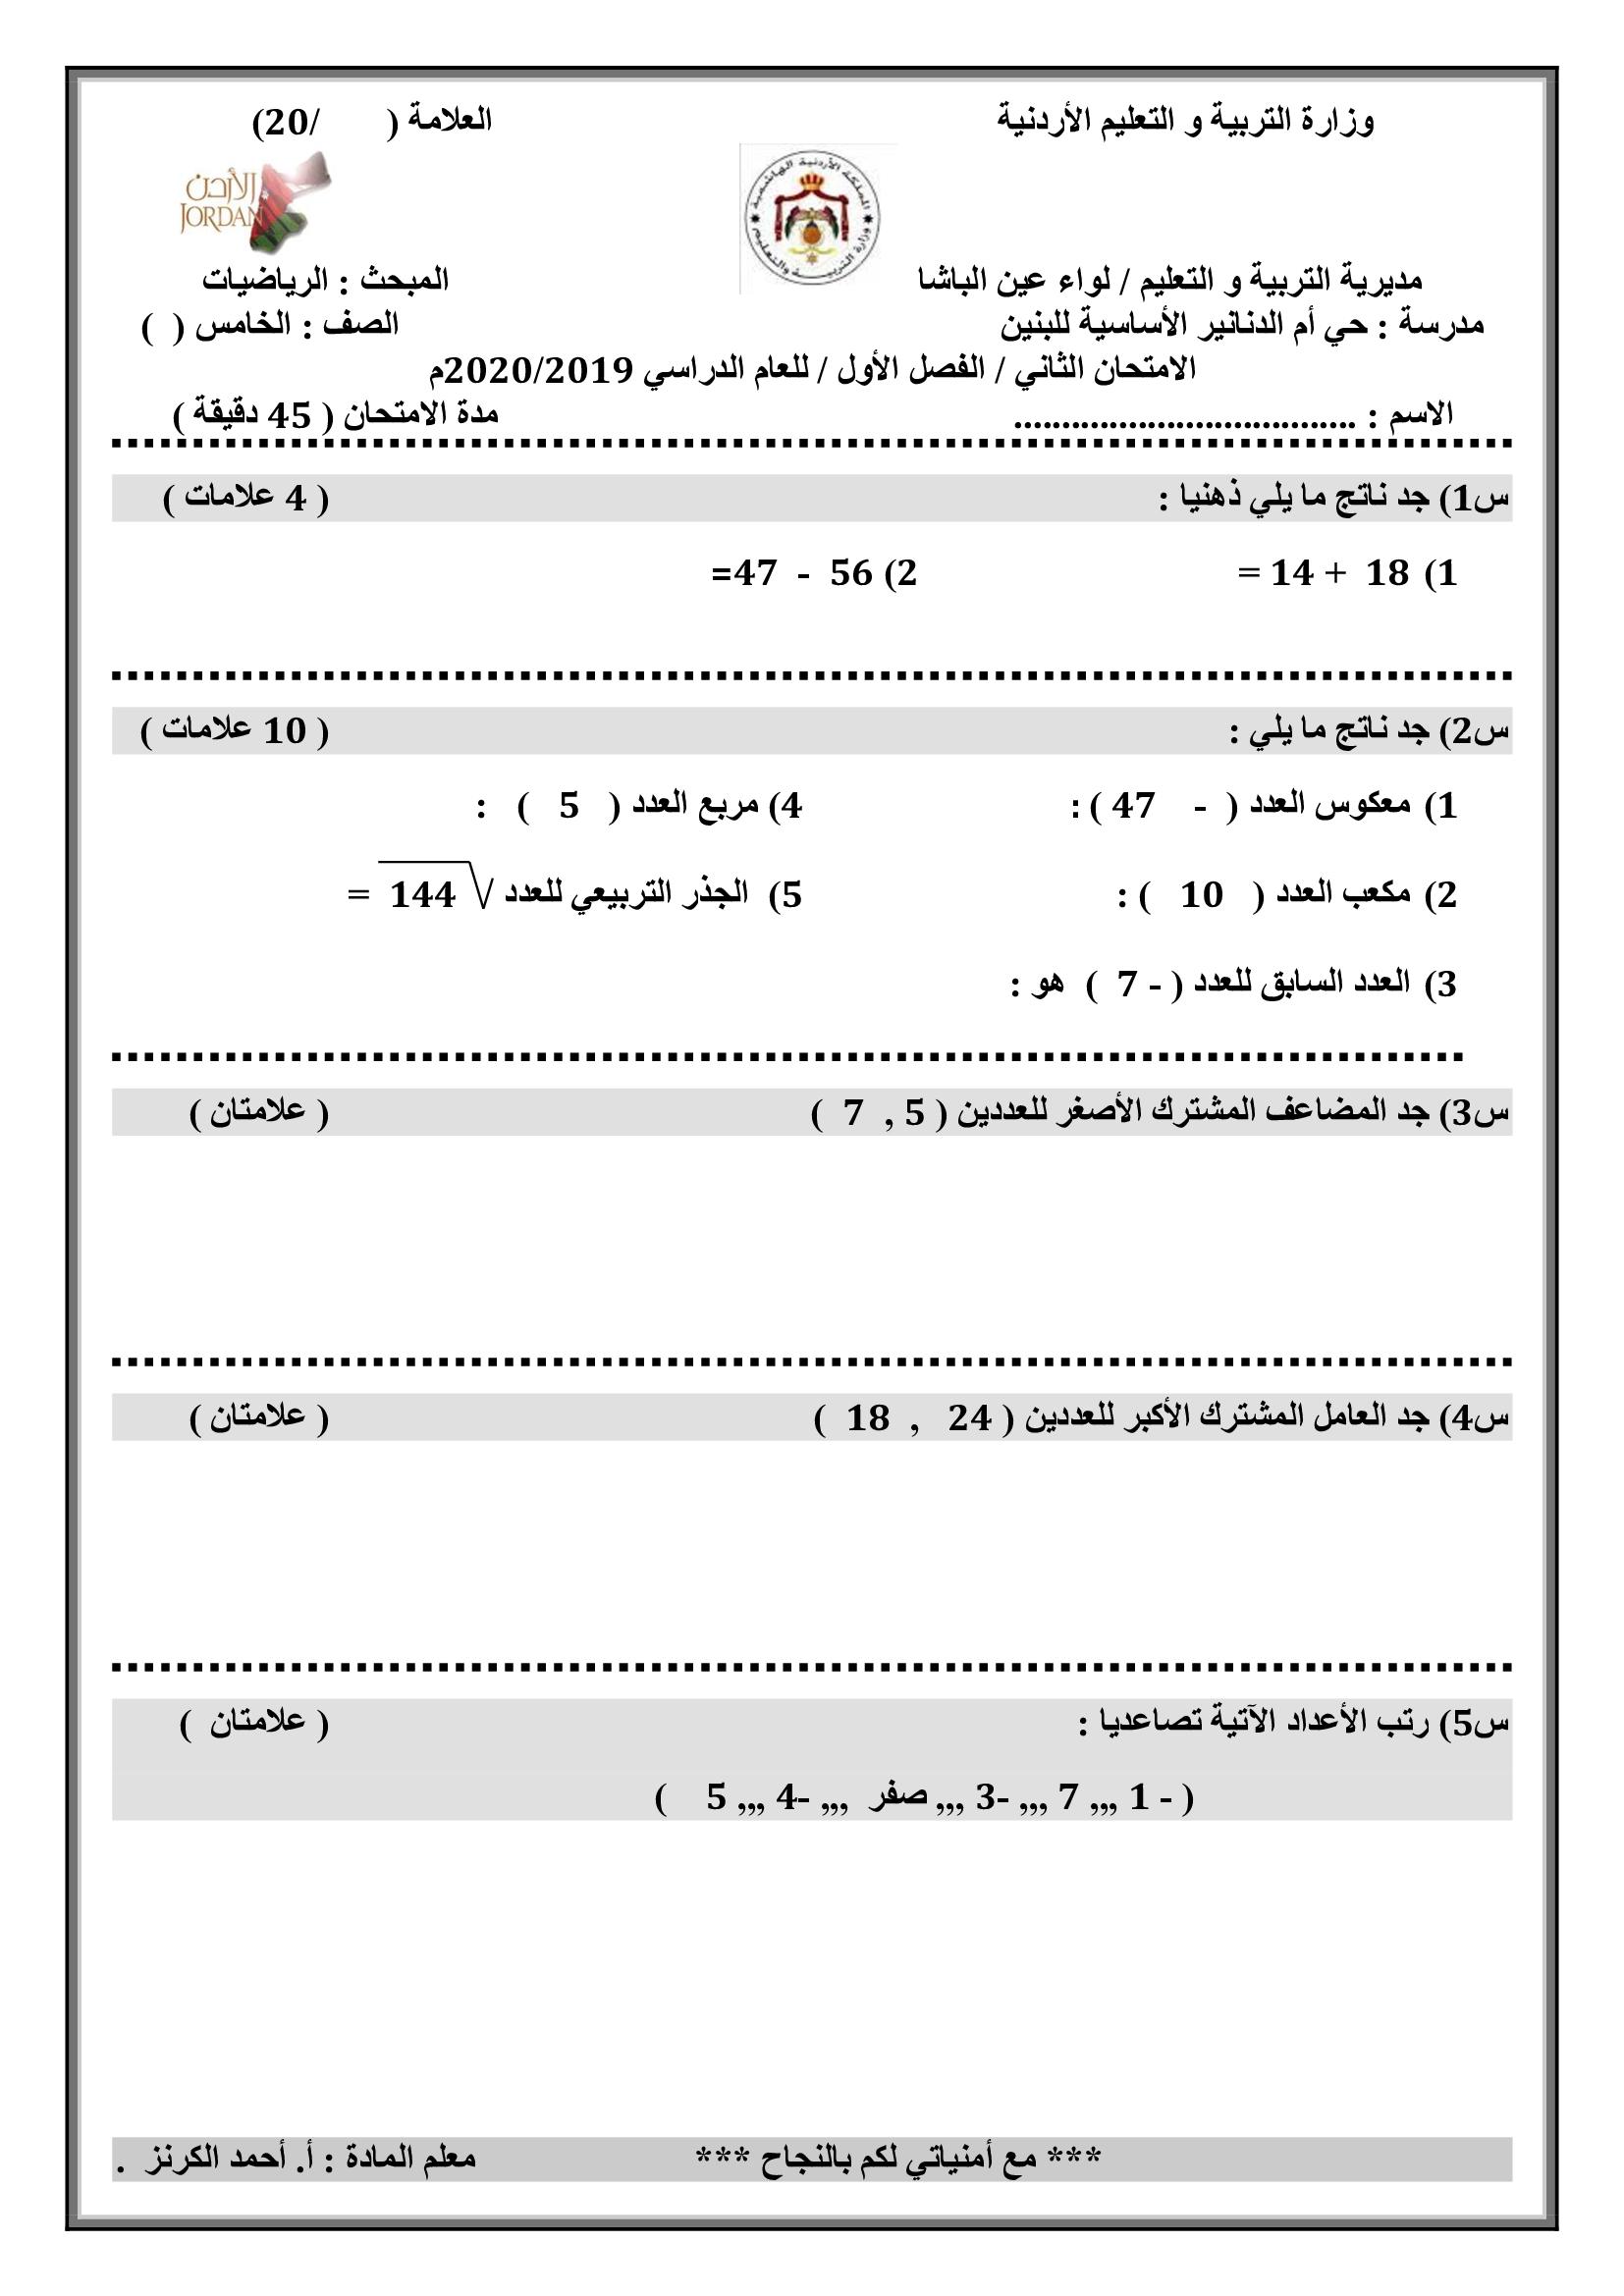 امتحان مادة الرياضيات الشهر الثاني للصف الخامس الفصل الاول 2019